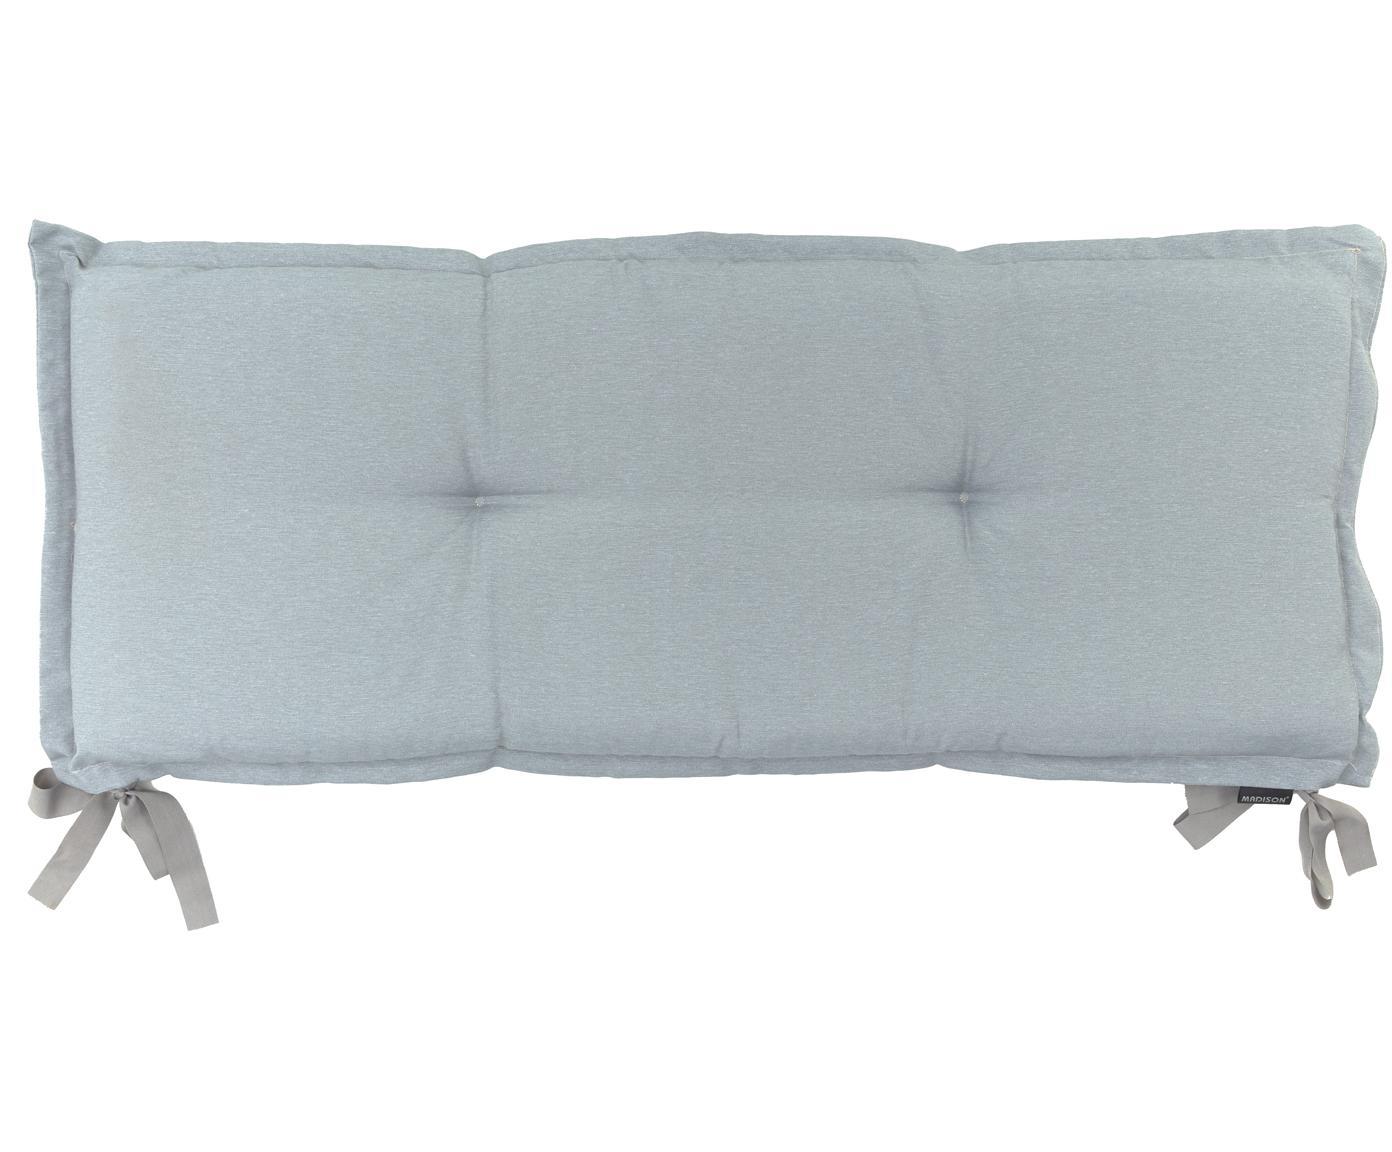 Nakładka na ławkę Panama, 50% bawełna, 45% poliester, 5% inne włókna, Jasny szary, S 48 x D 120 cm